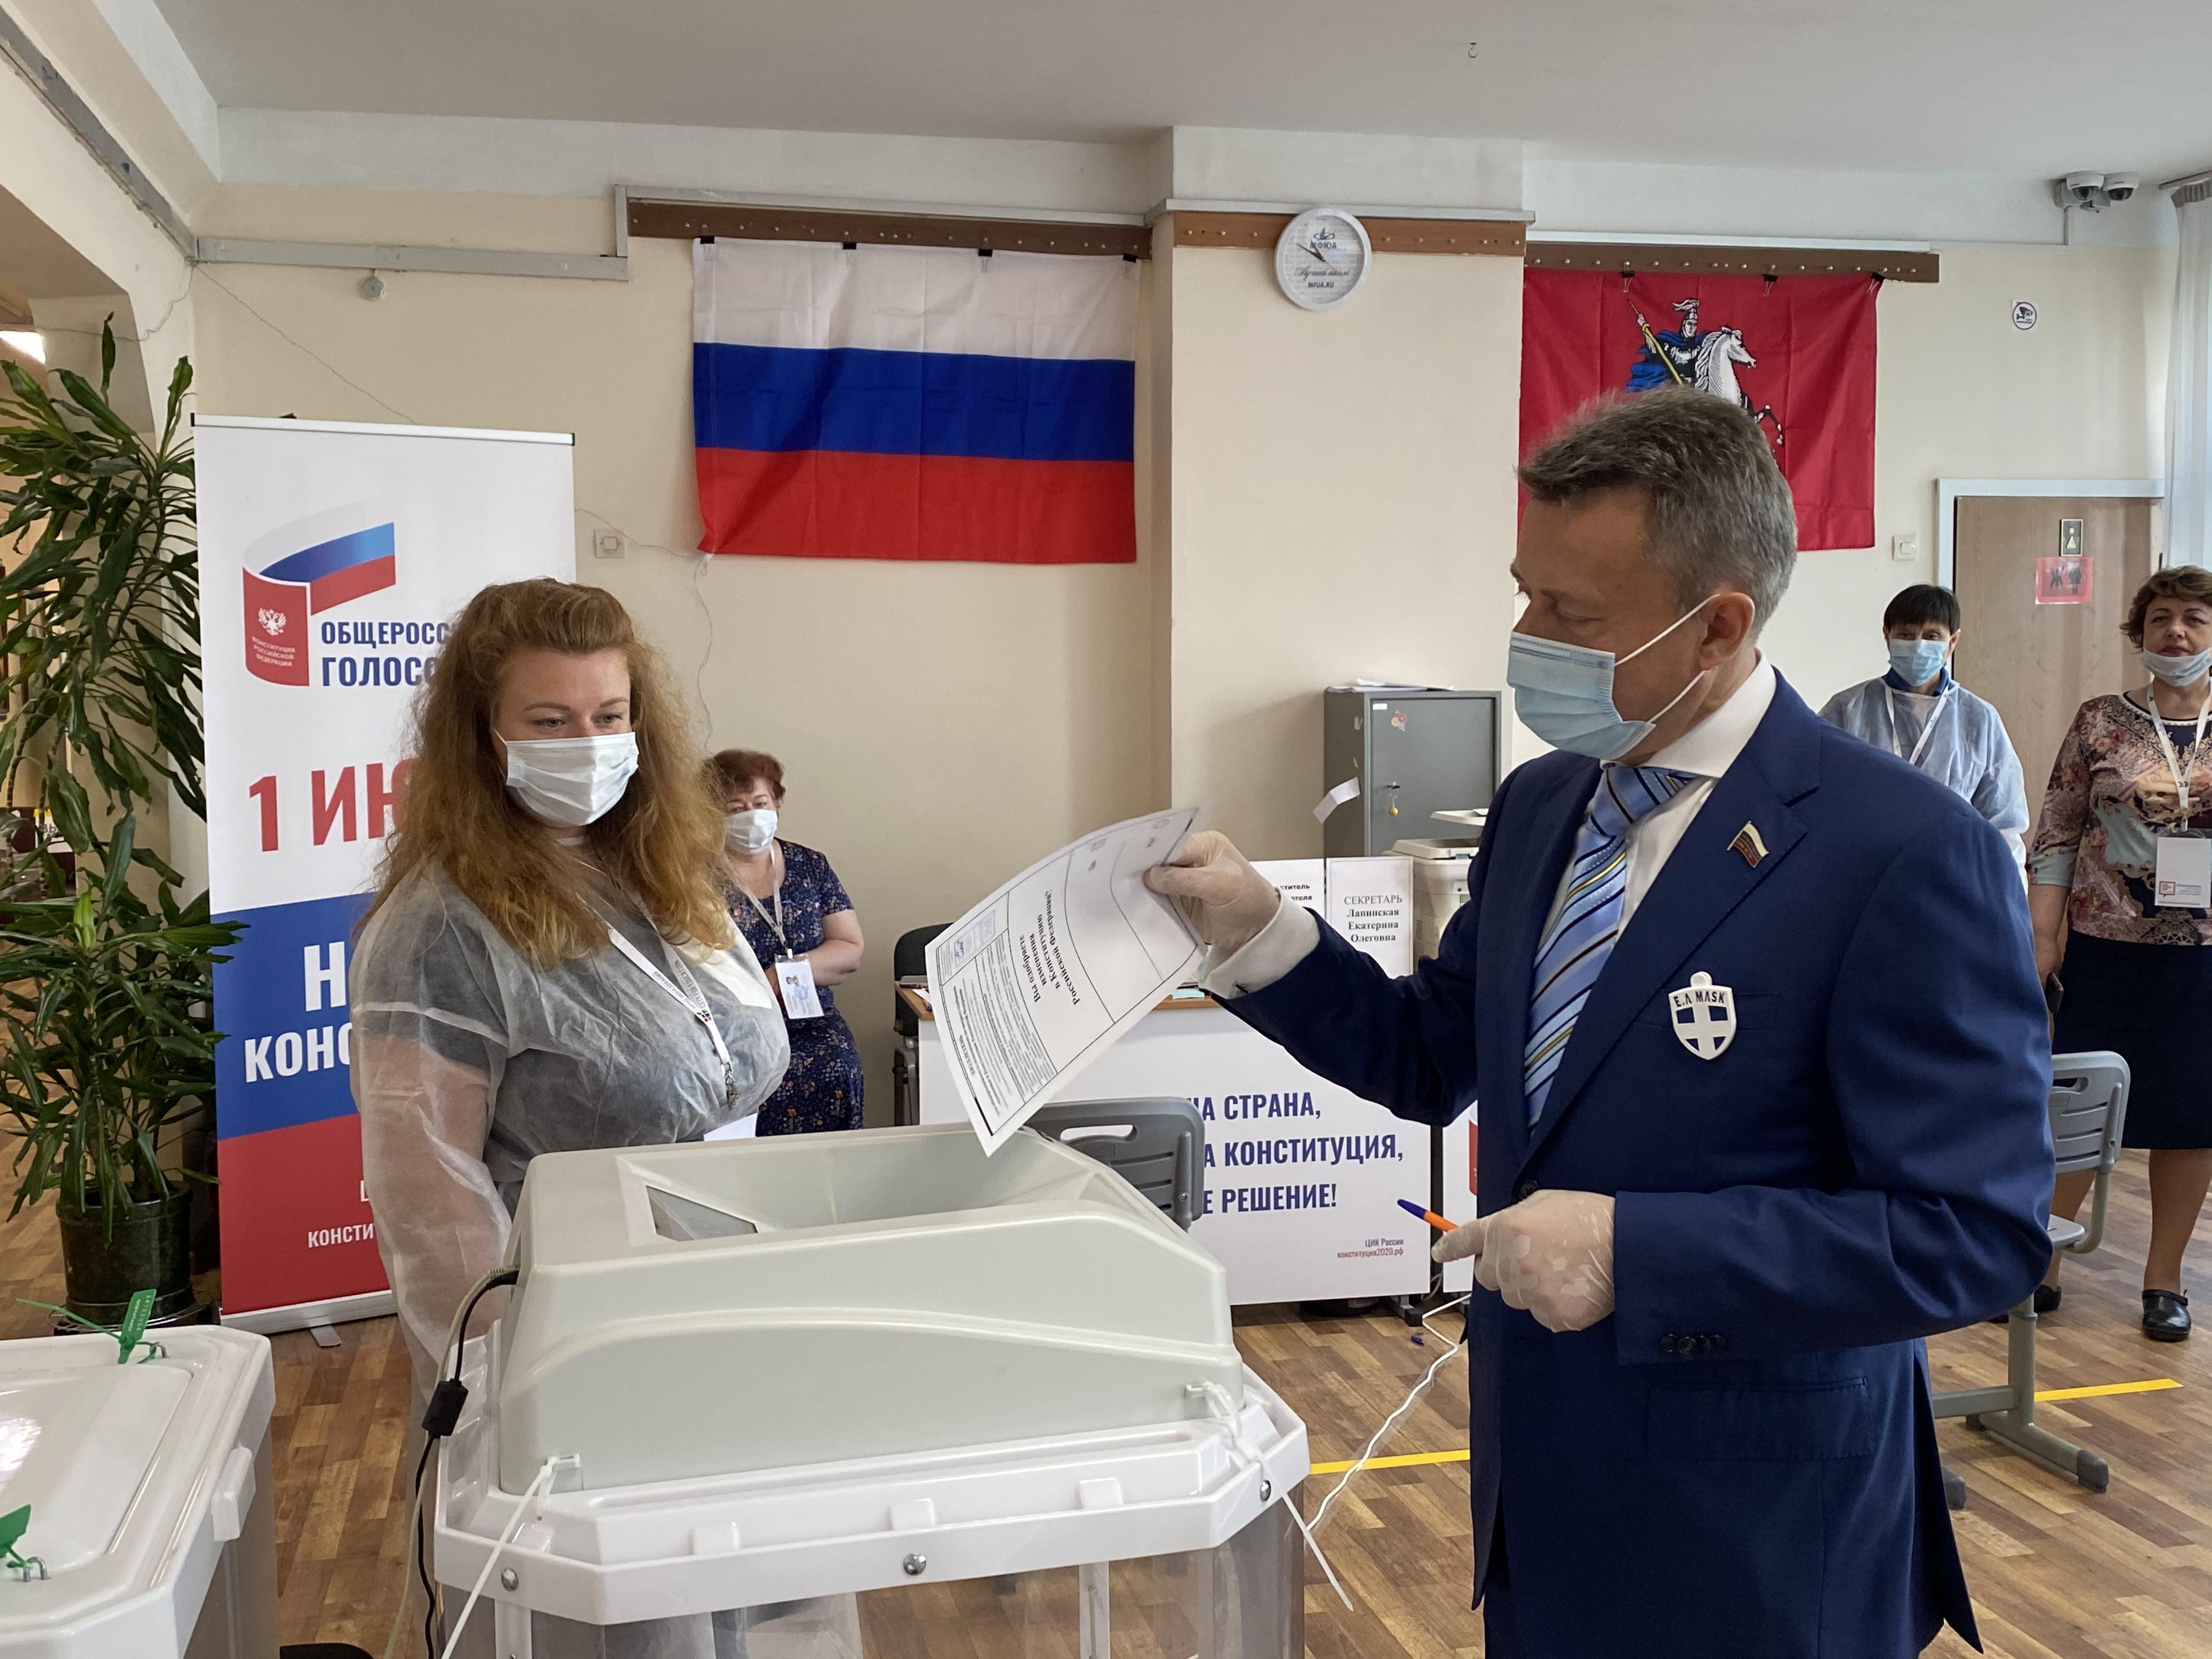 Анатолий ВЫБОРНЫЙ: «Я голосую за поправки – никакие международные решения не должны оказаться выше наших российских законов»